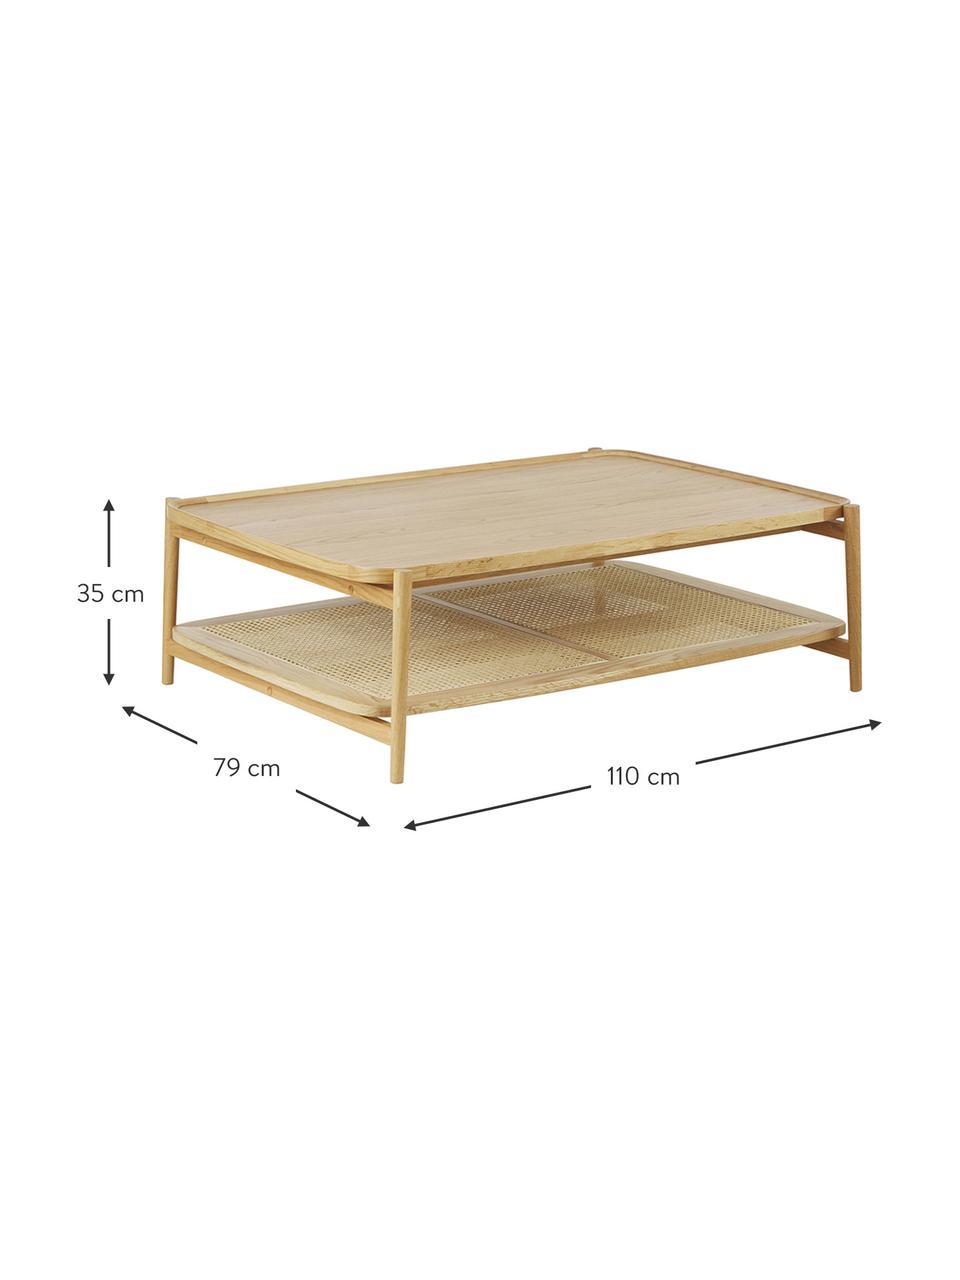 Tavolino da salotto in legno di quercia con intreccio viennese Libby, Ripiano: rattan, Struttura: legno massiccio di querci, Legno di quercia, Larg. 110 x Alt. 35 cm